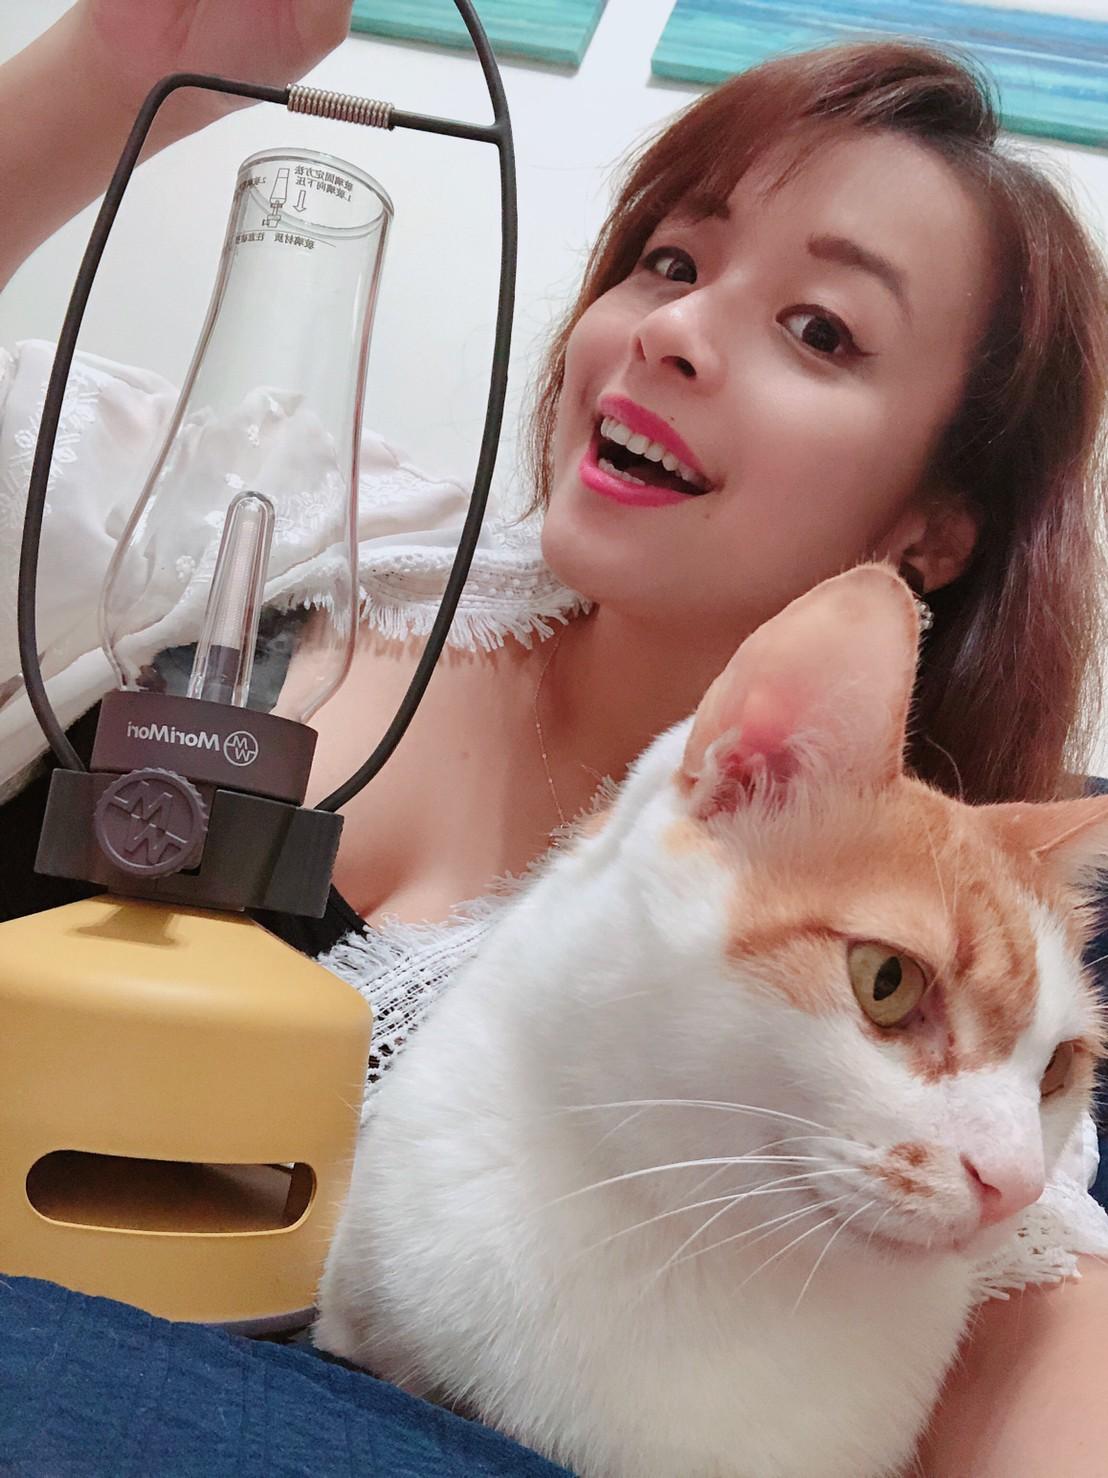 【LED藍芽喇叭】戶外露營和居家生活選物,MoriMori質感喇叭時尚帶著走